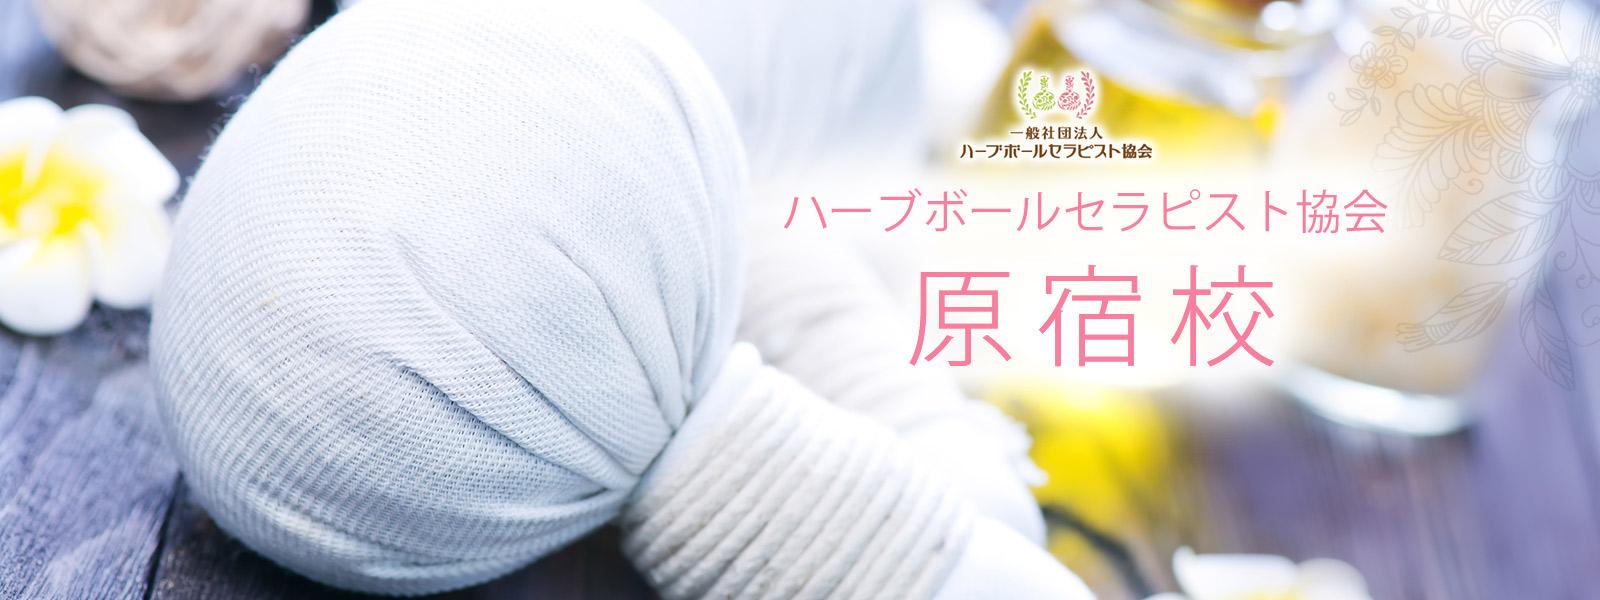 ハーブボールセラピスト協会 原宿校